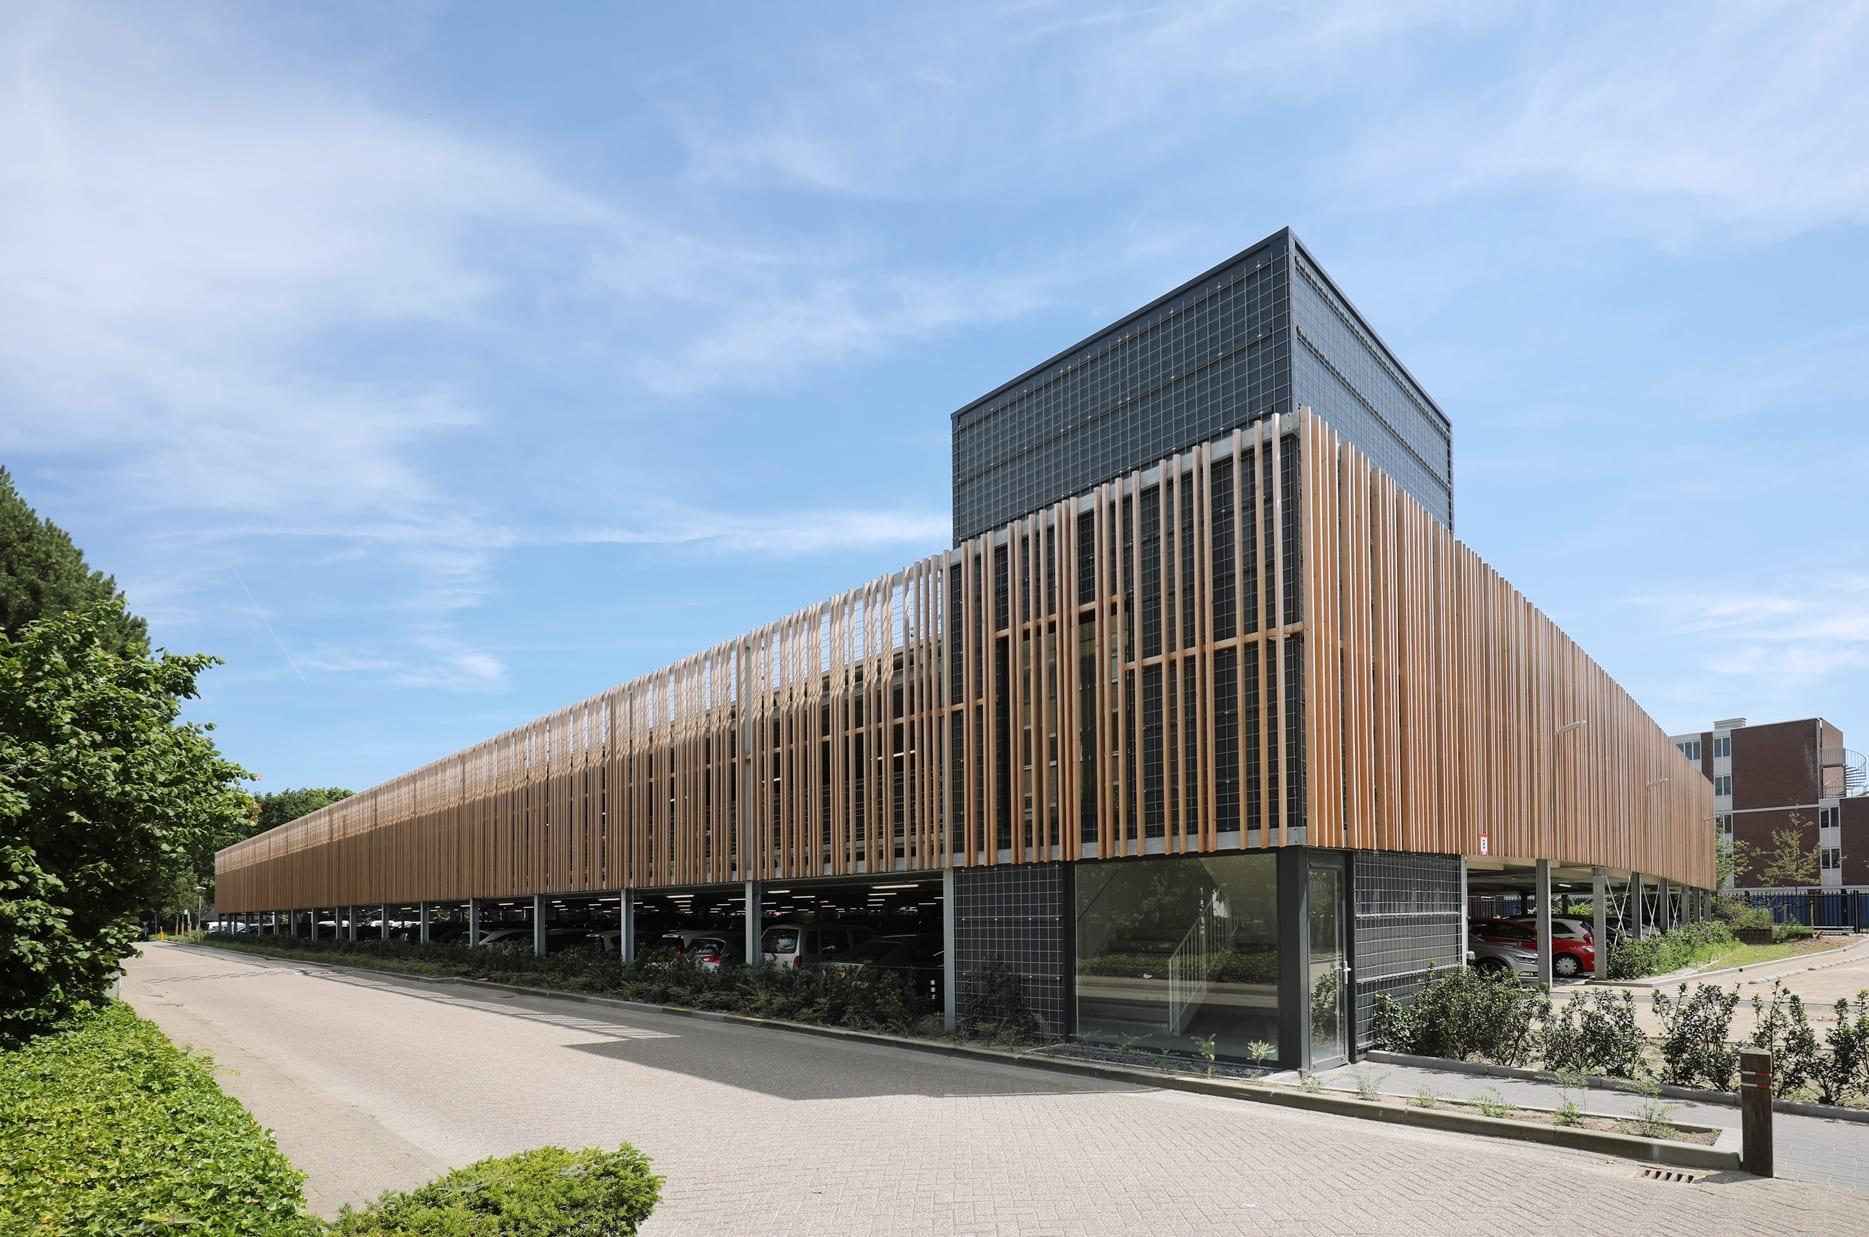 Nieuwe parkeergarage Fontys Rachelsmolen Eindhoven